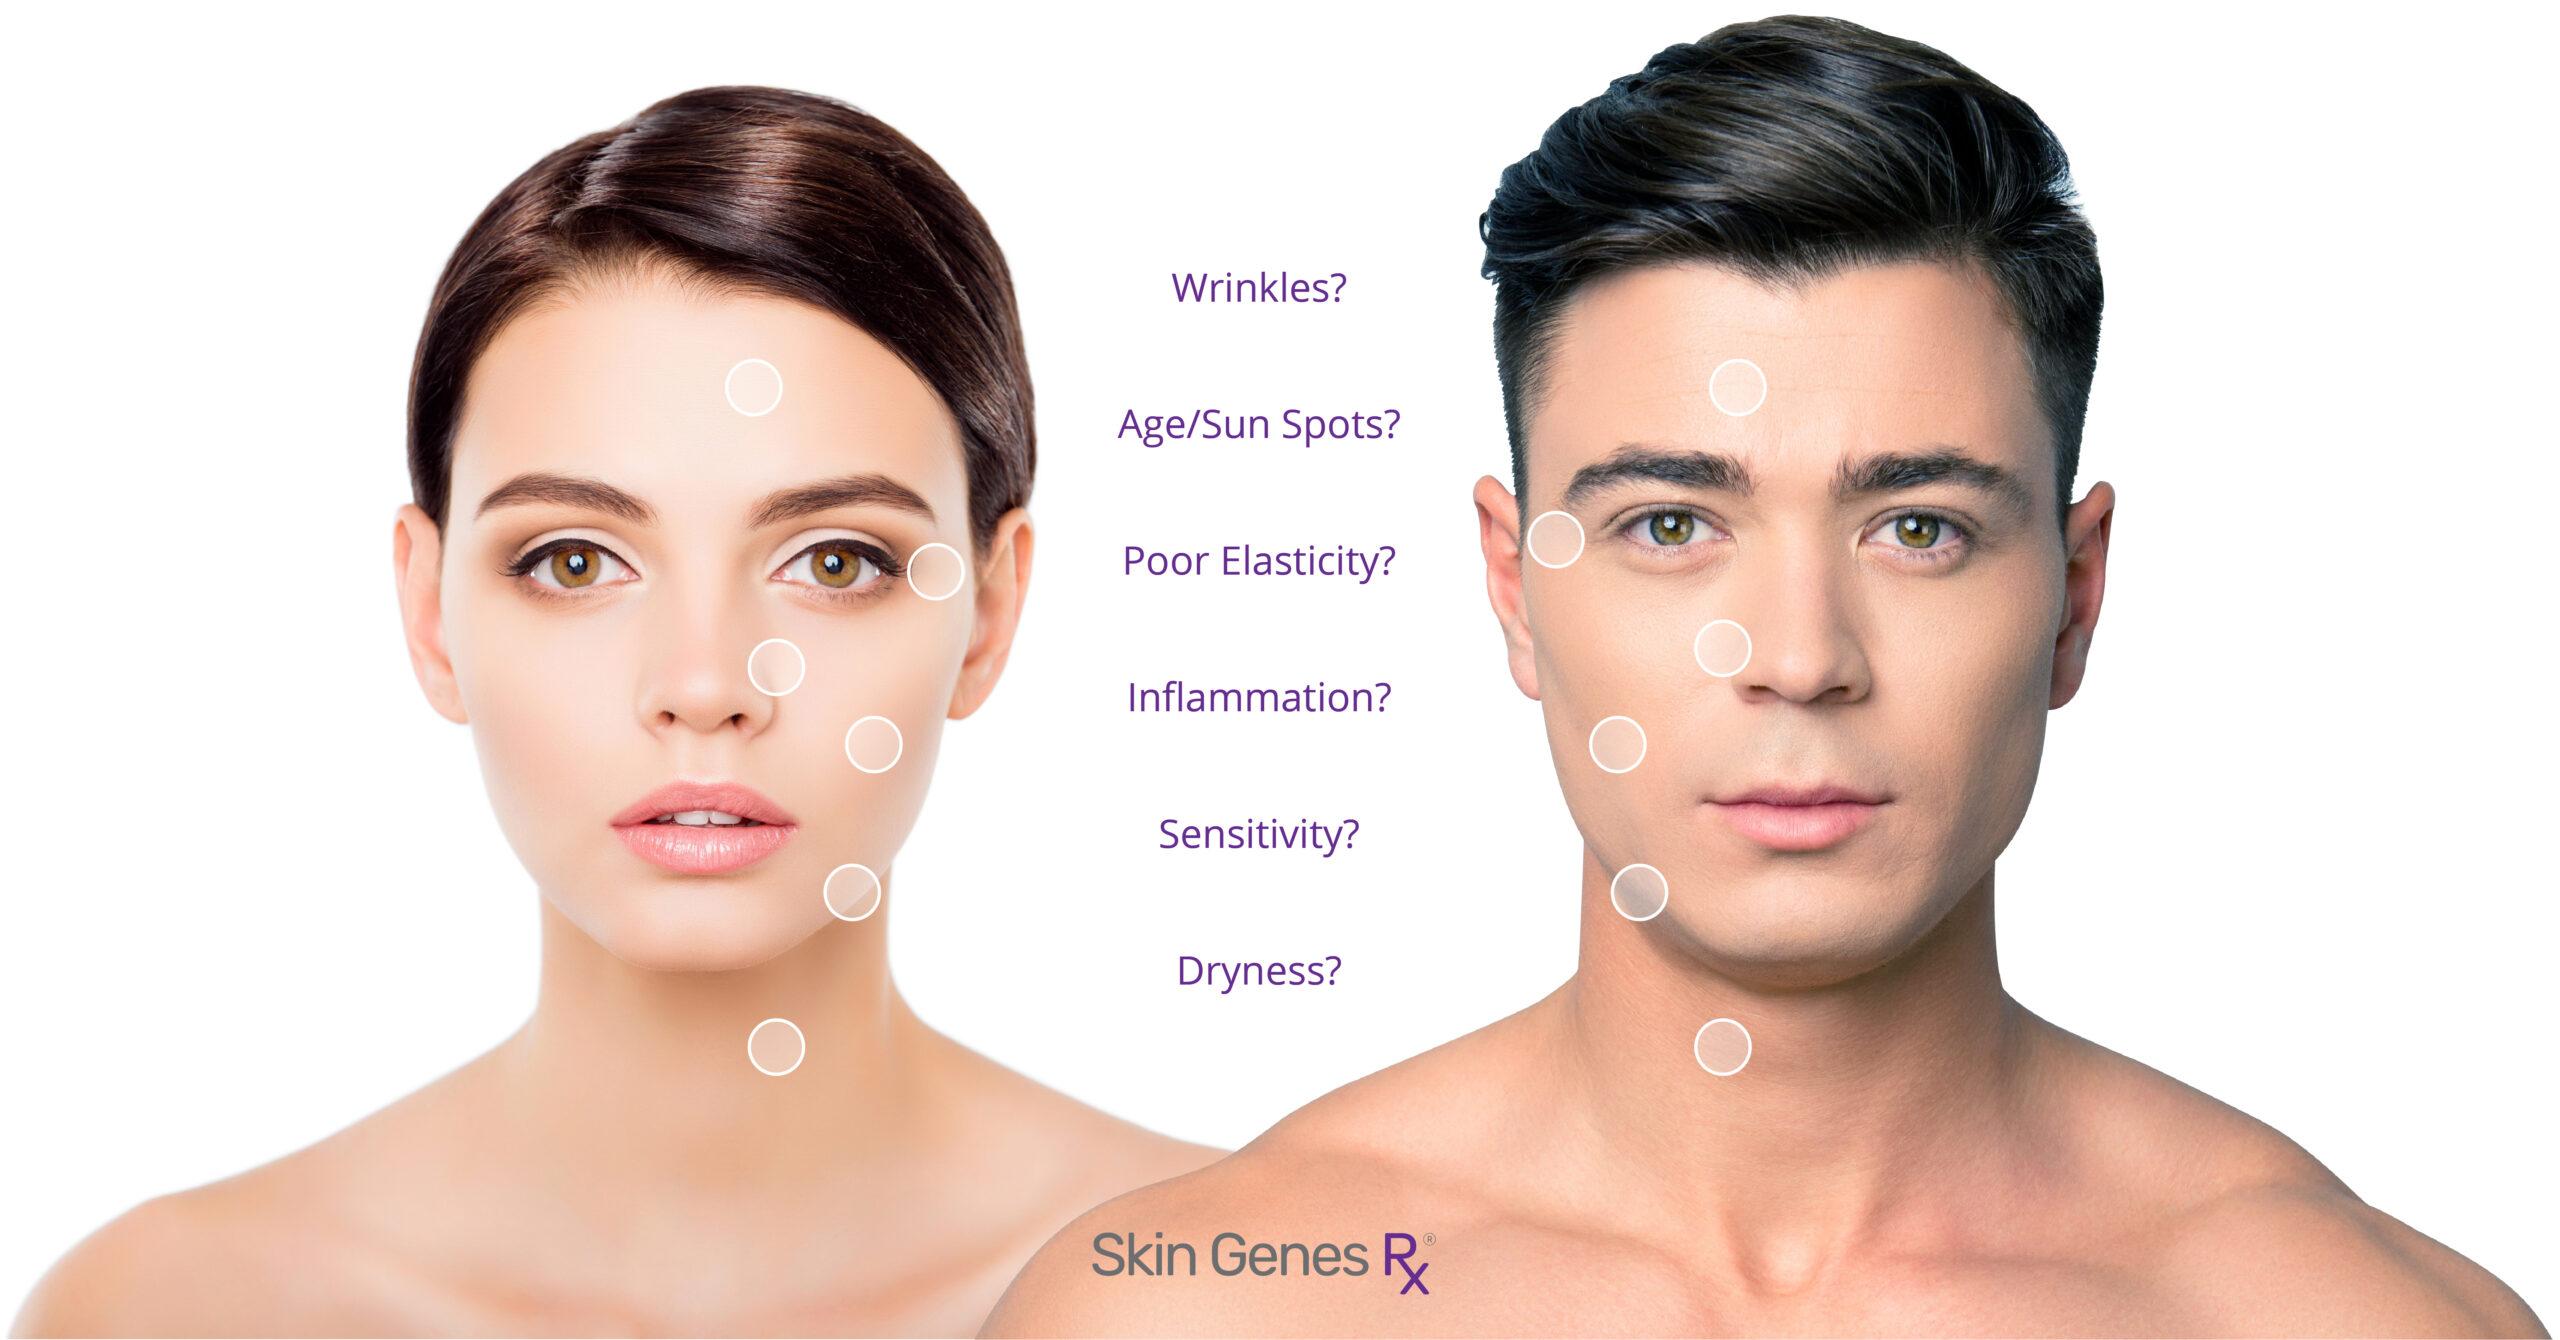 SkinGenes-He-She